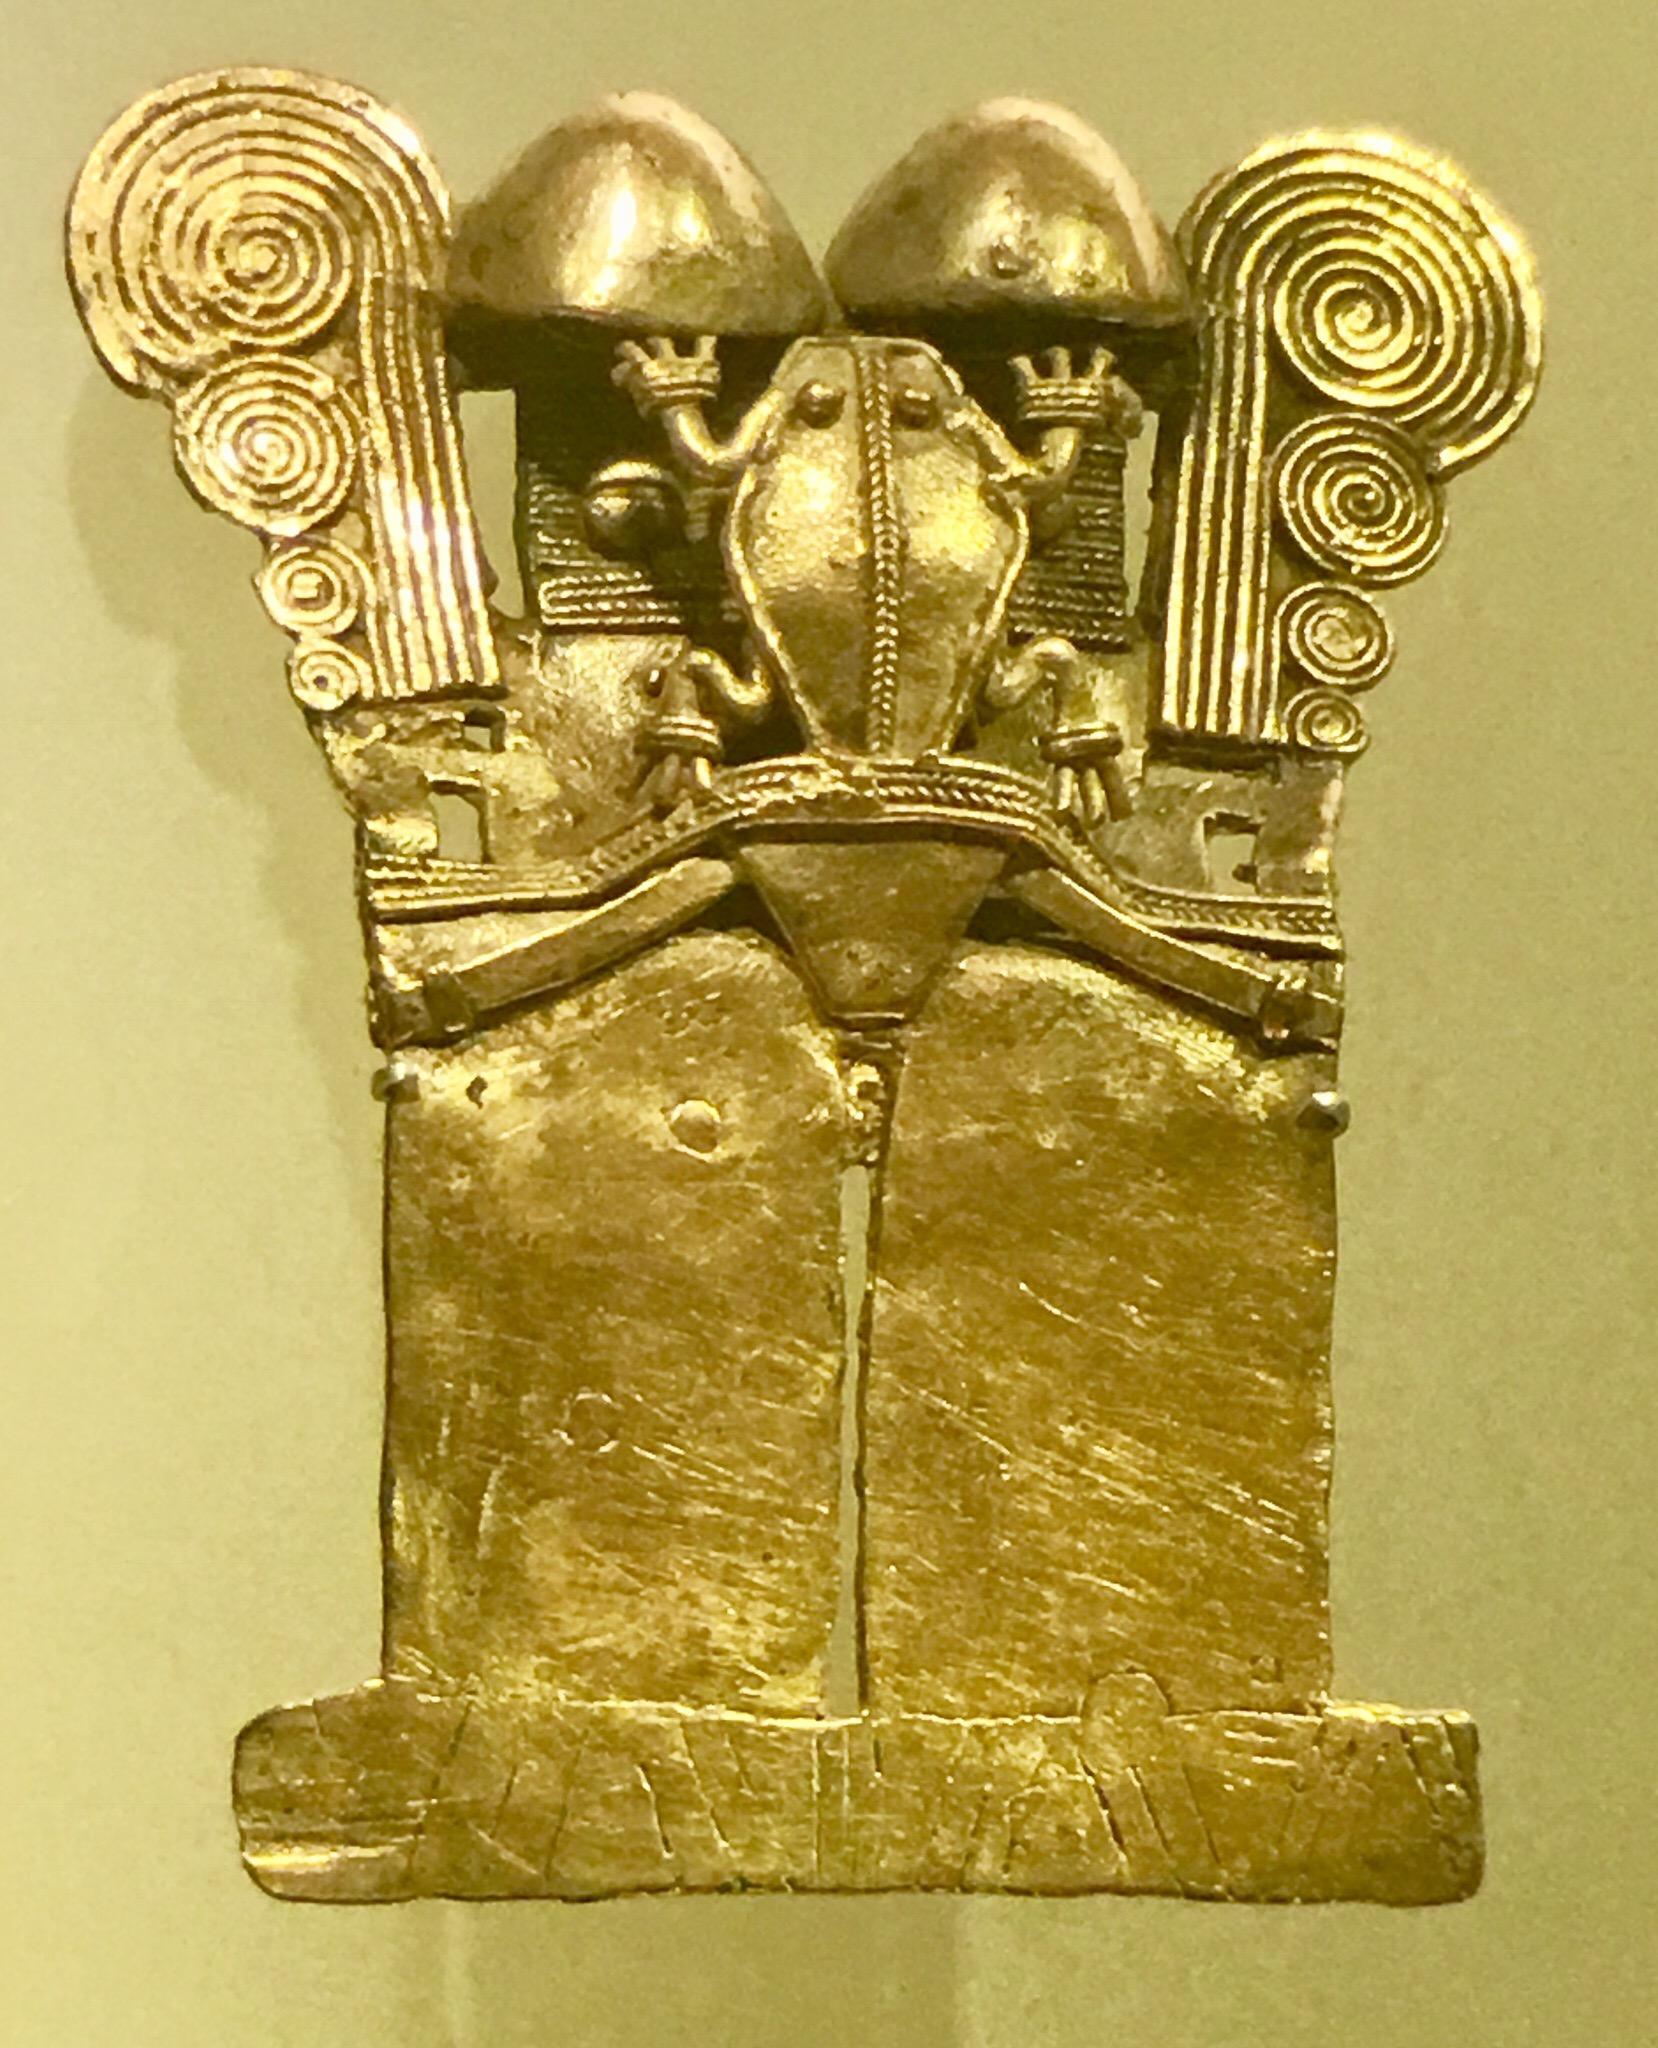 Museo del Oro in Bogota, Colombia.